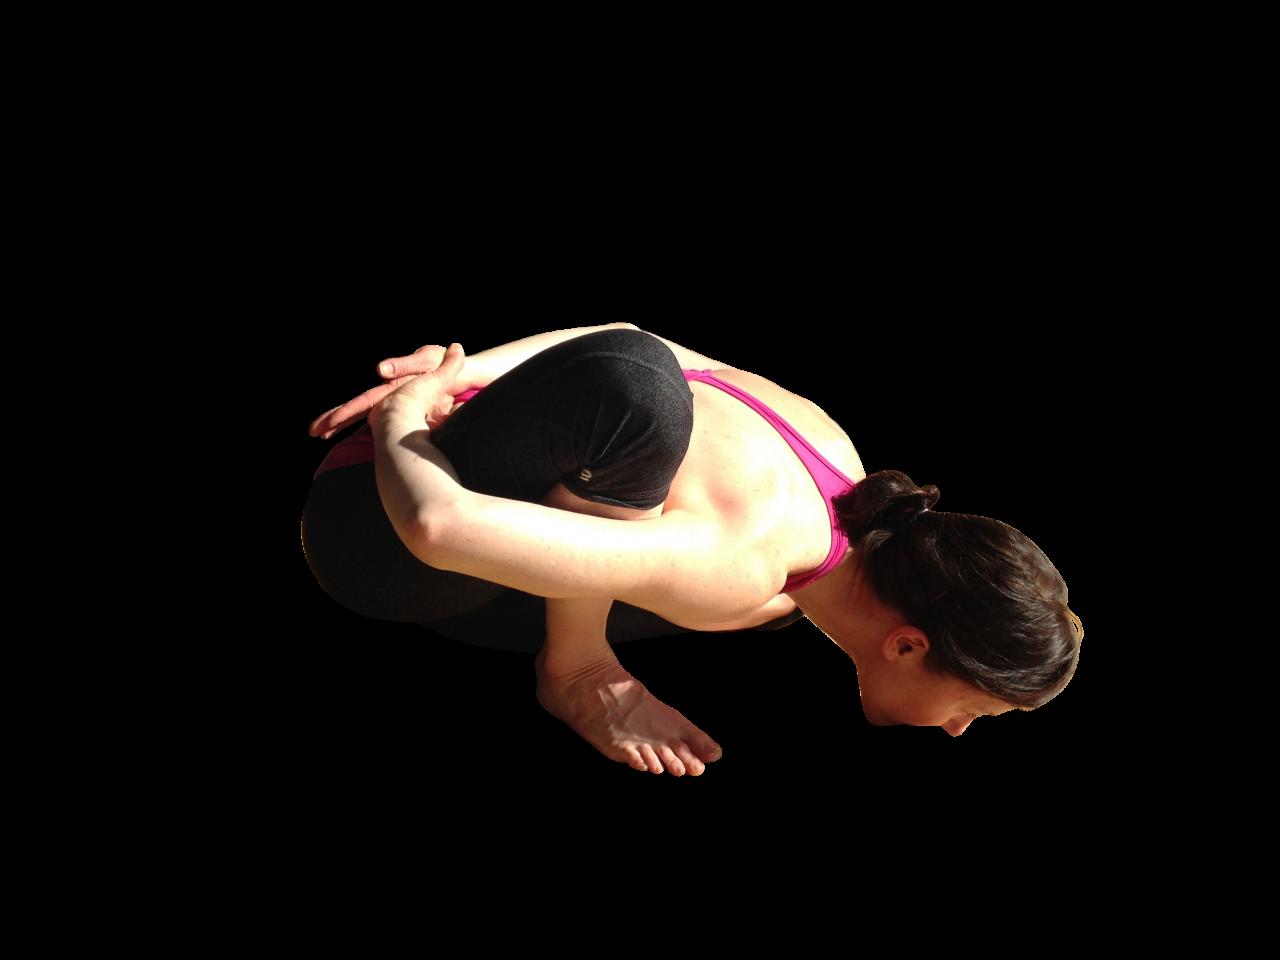 Girl doing Yoga PNG Image